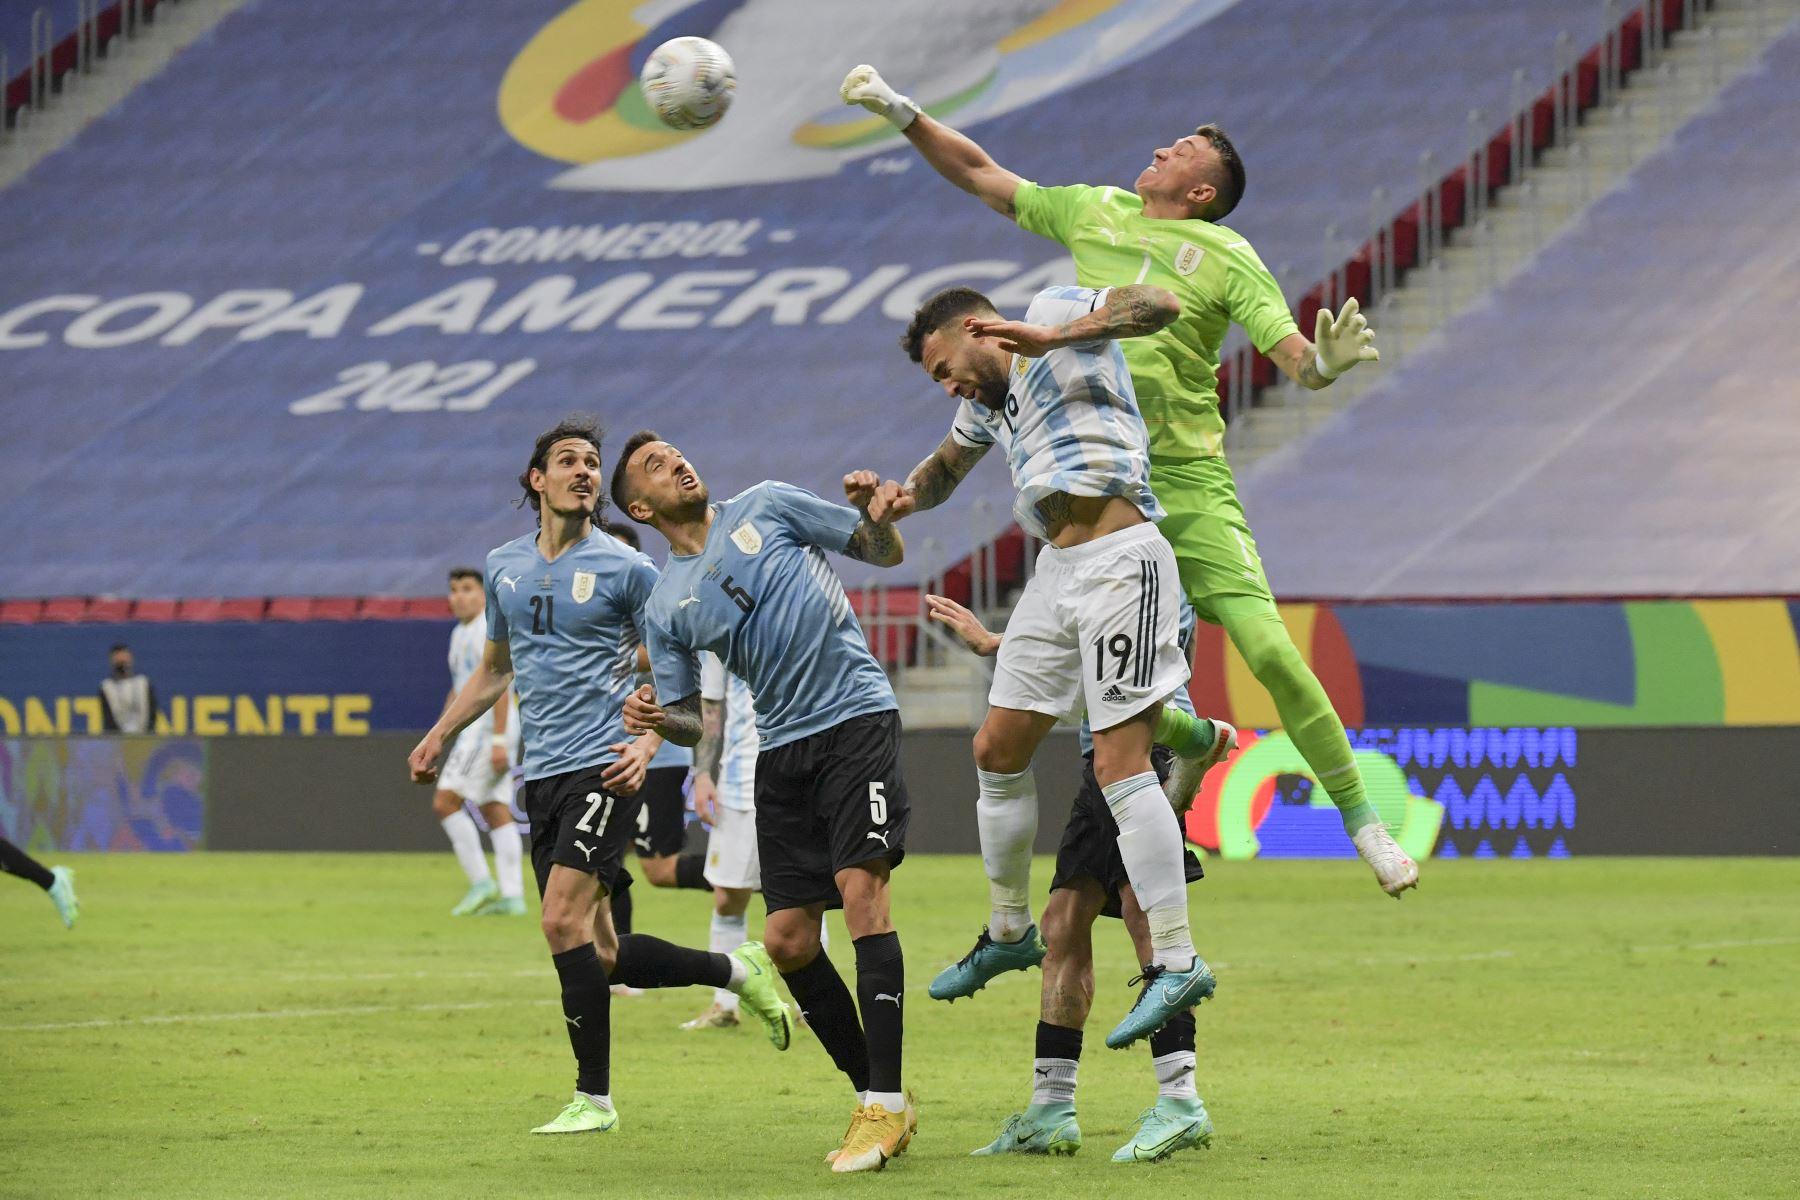 El arquero uruguayo Fernando Muslera salta por el balón junto al argentino Nicolás Otamendi mientras los uruguayos Edinson Cavani y Matías Vecino siguen atentos la jugada durante el partido por la fase de grupos de la Copa América, en el estadio Mane Garrincha, en Brasil. Foto: AFP